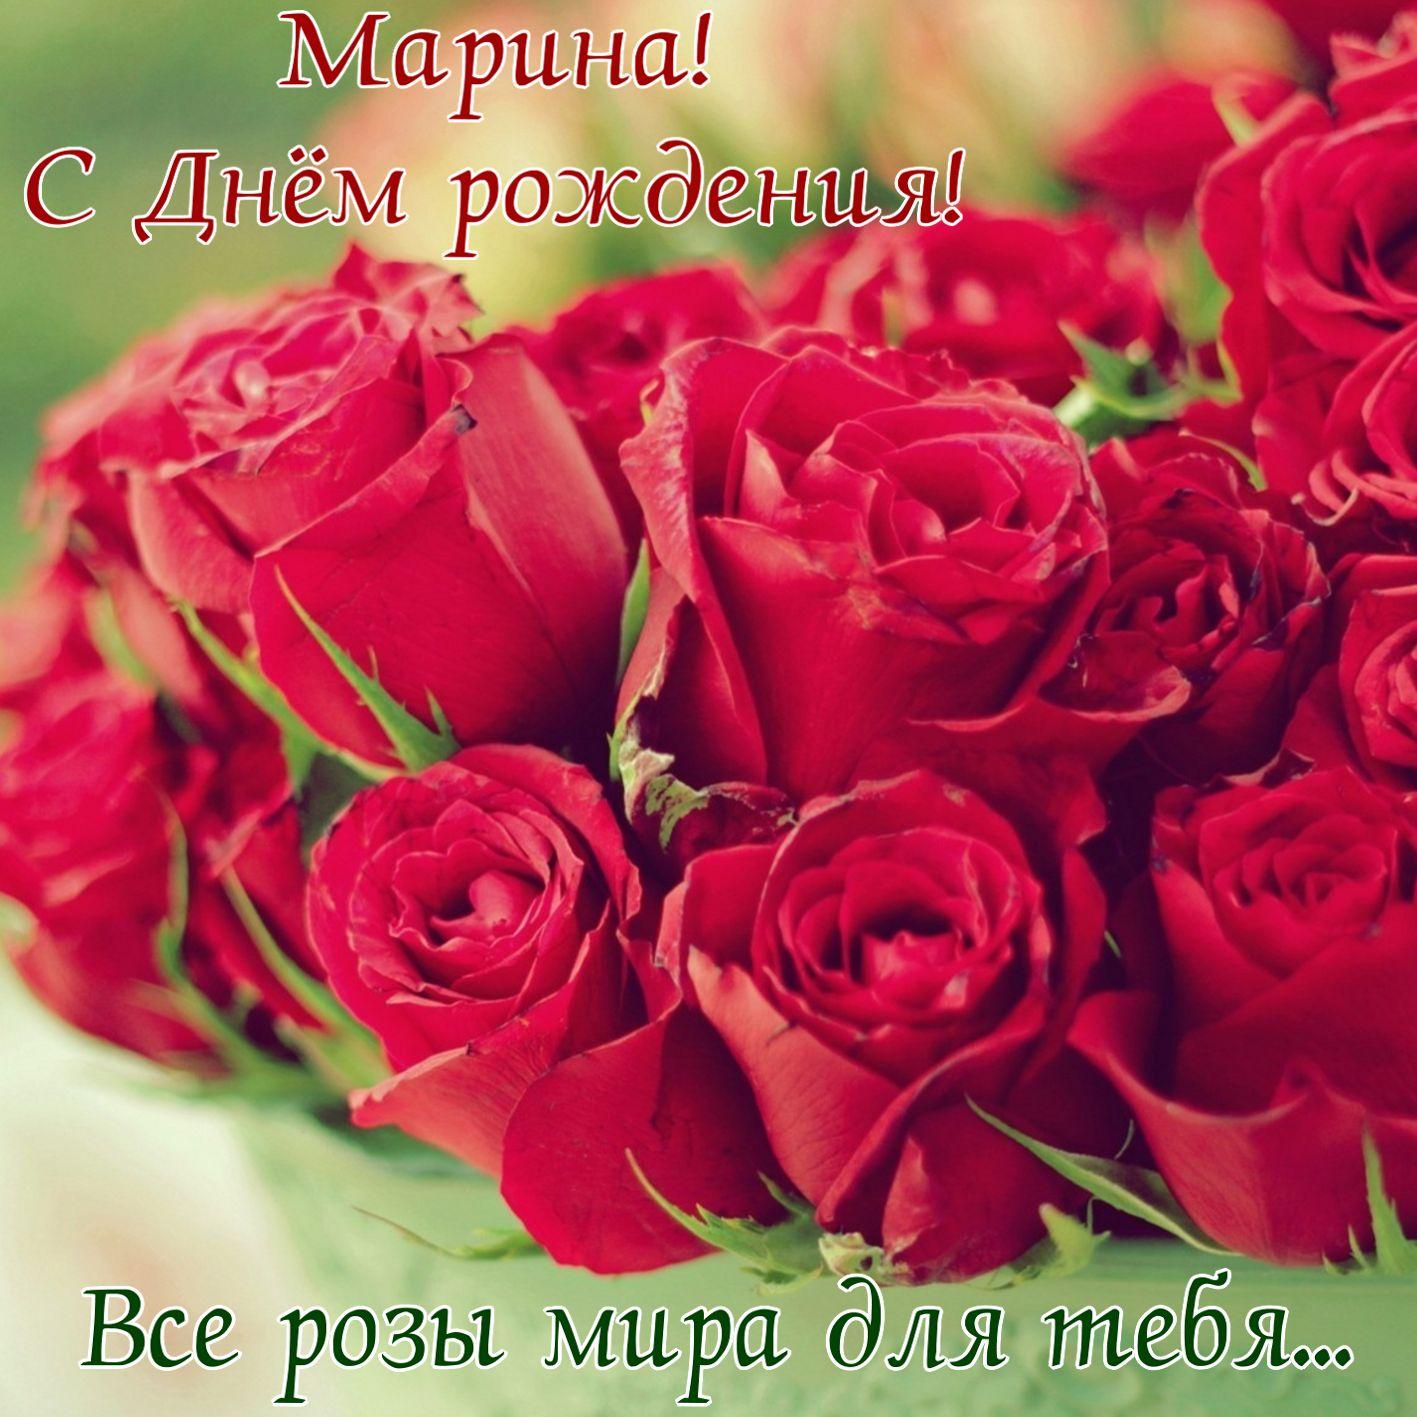 Все розы мира на День рождения Марине